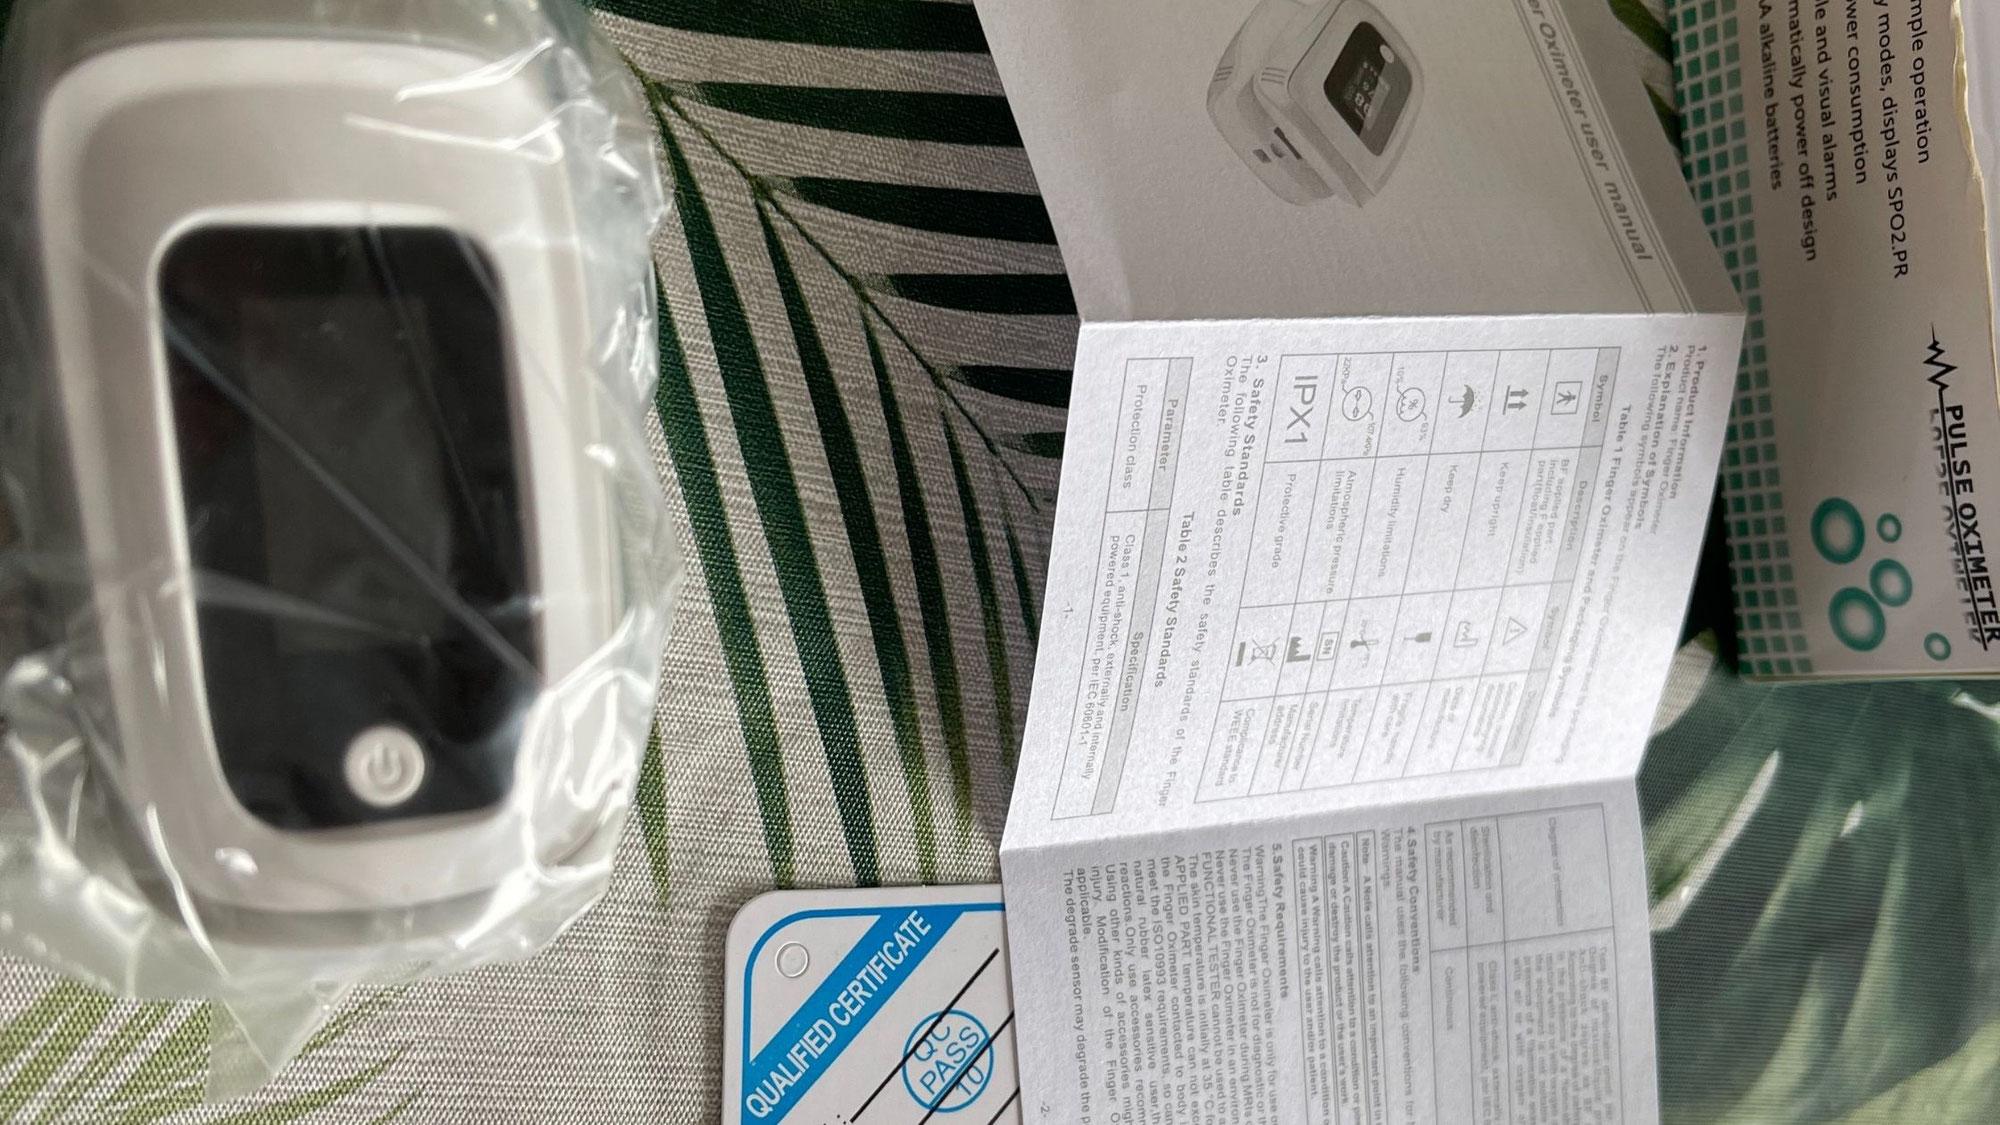 パルスオキシメーター〜日本製と書いてあったのに中国製〜